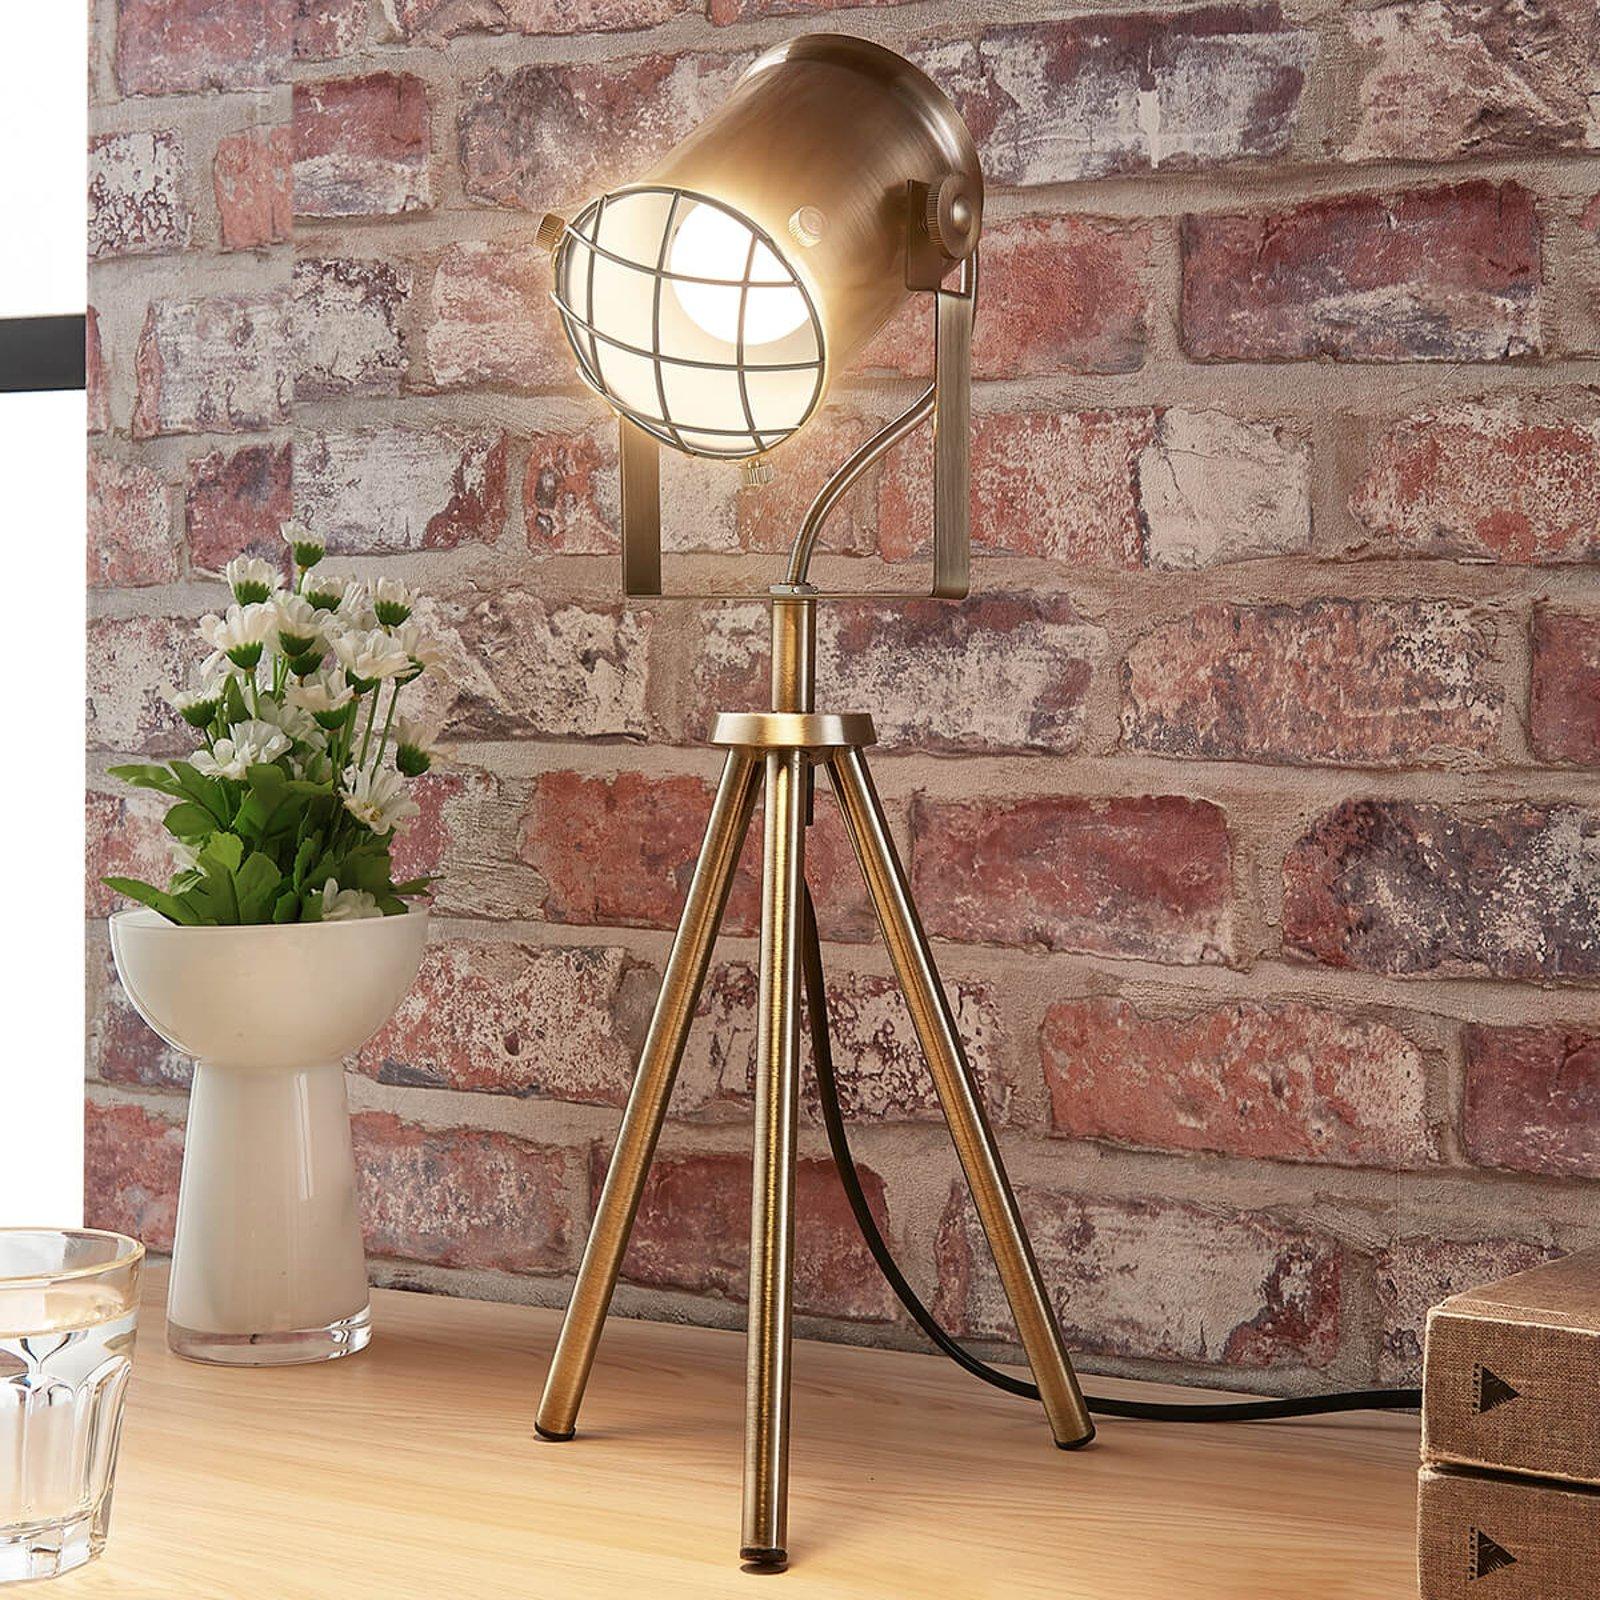 Bordlampe Ebbi i industriell stil, antikk messing